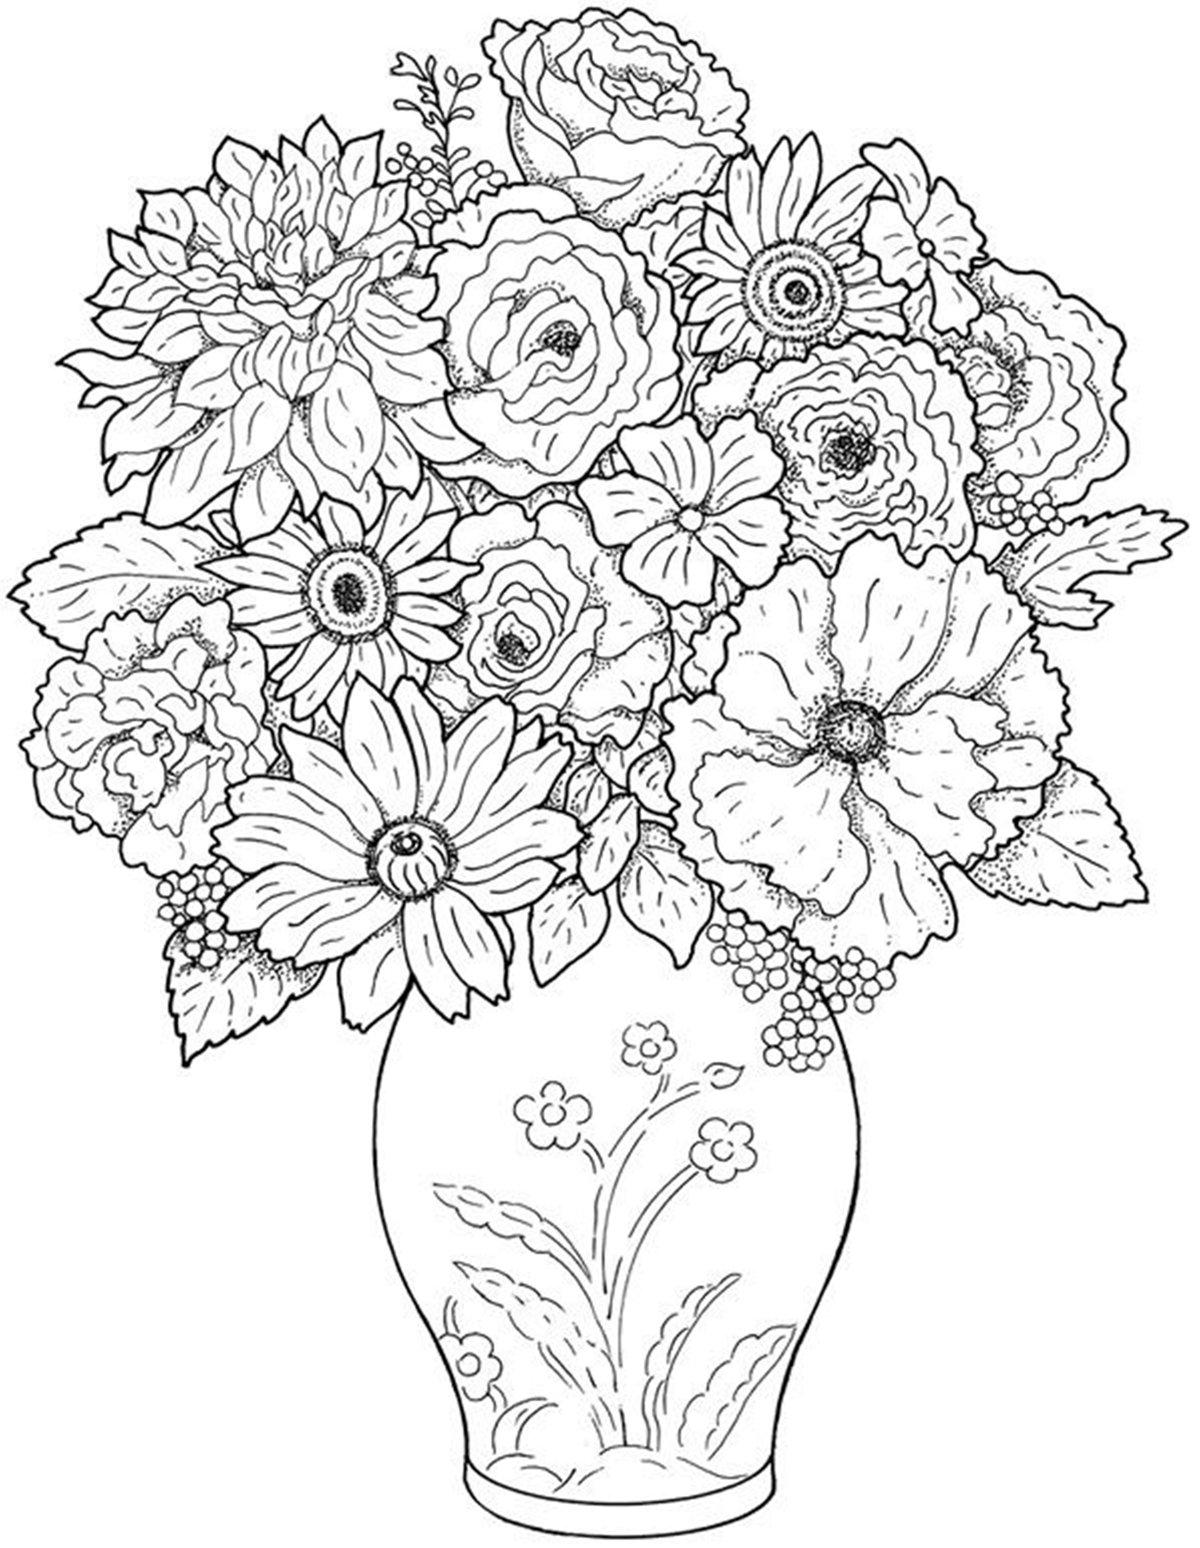 Раскраска с цветами распечатать, про погоду